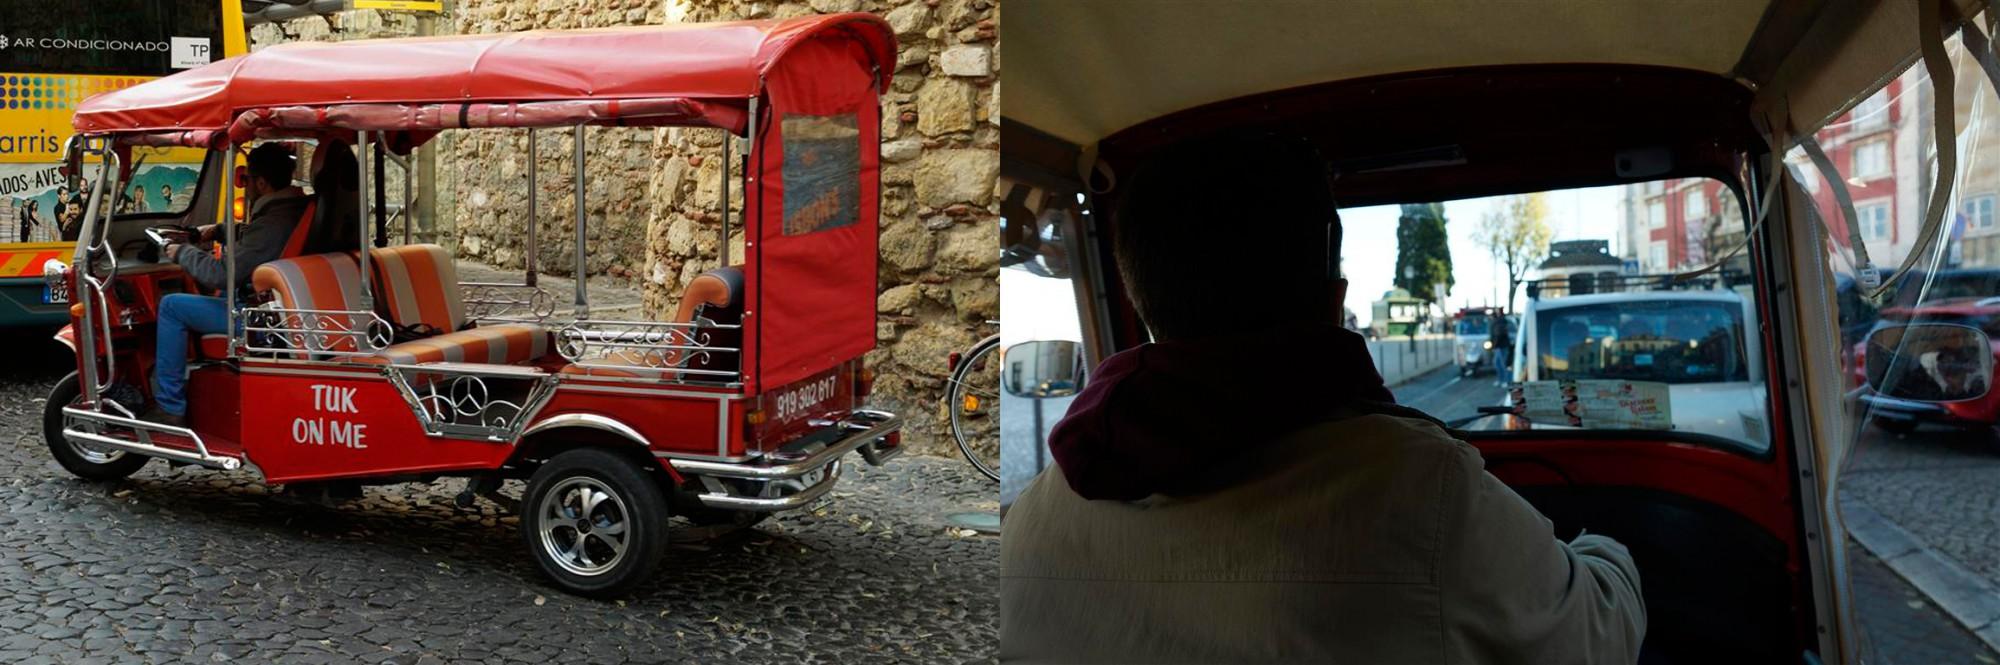 Reisetipps Lissabon in Winter von Ü40 Bloggerin Cerstin iknmlo